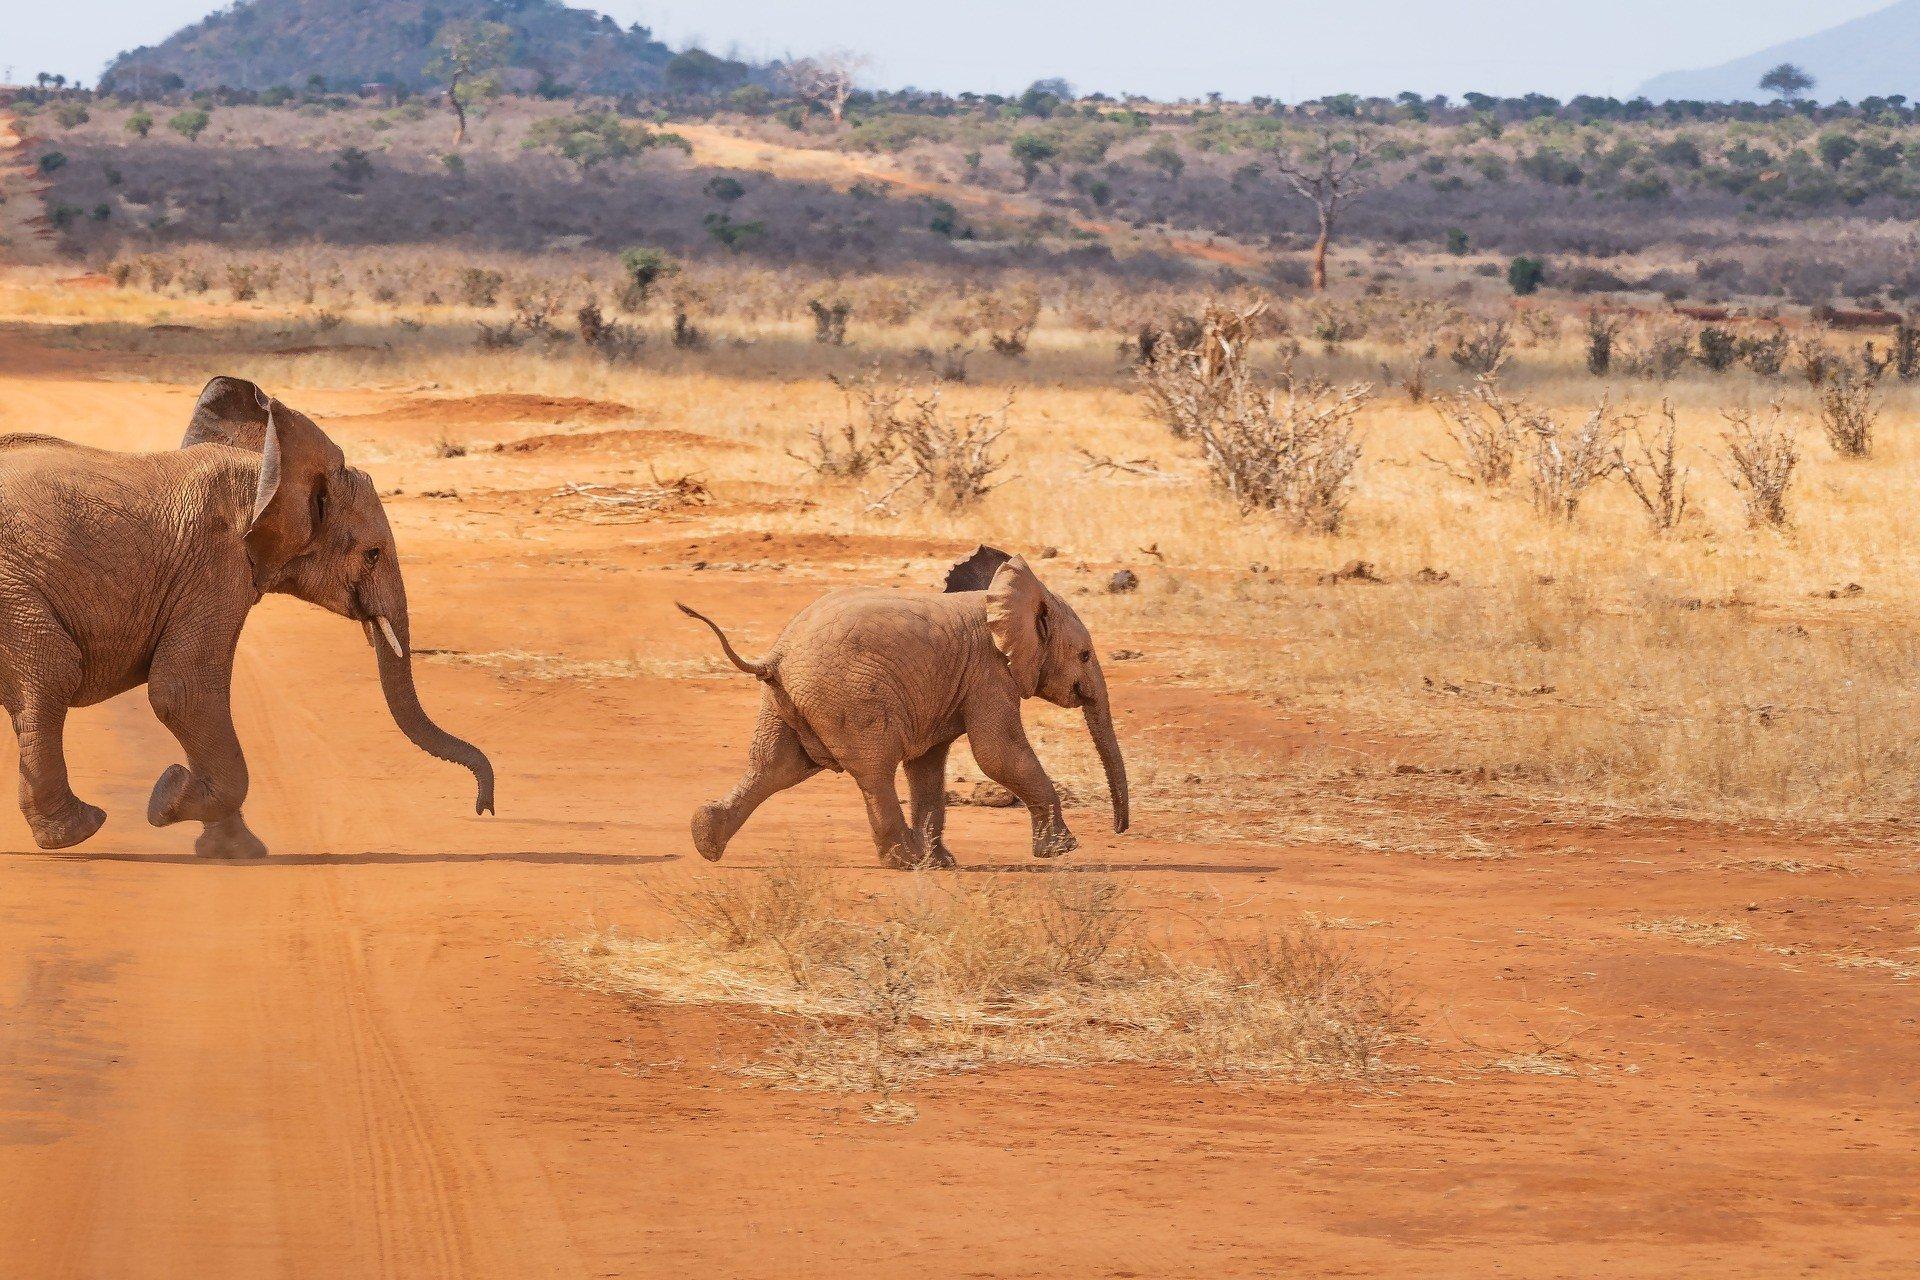 В Африке произошла массовая гибель слонов